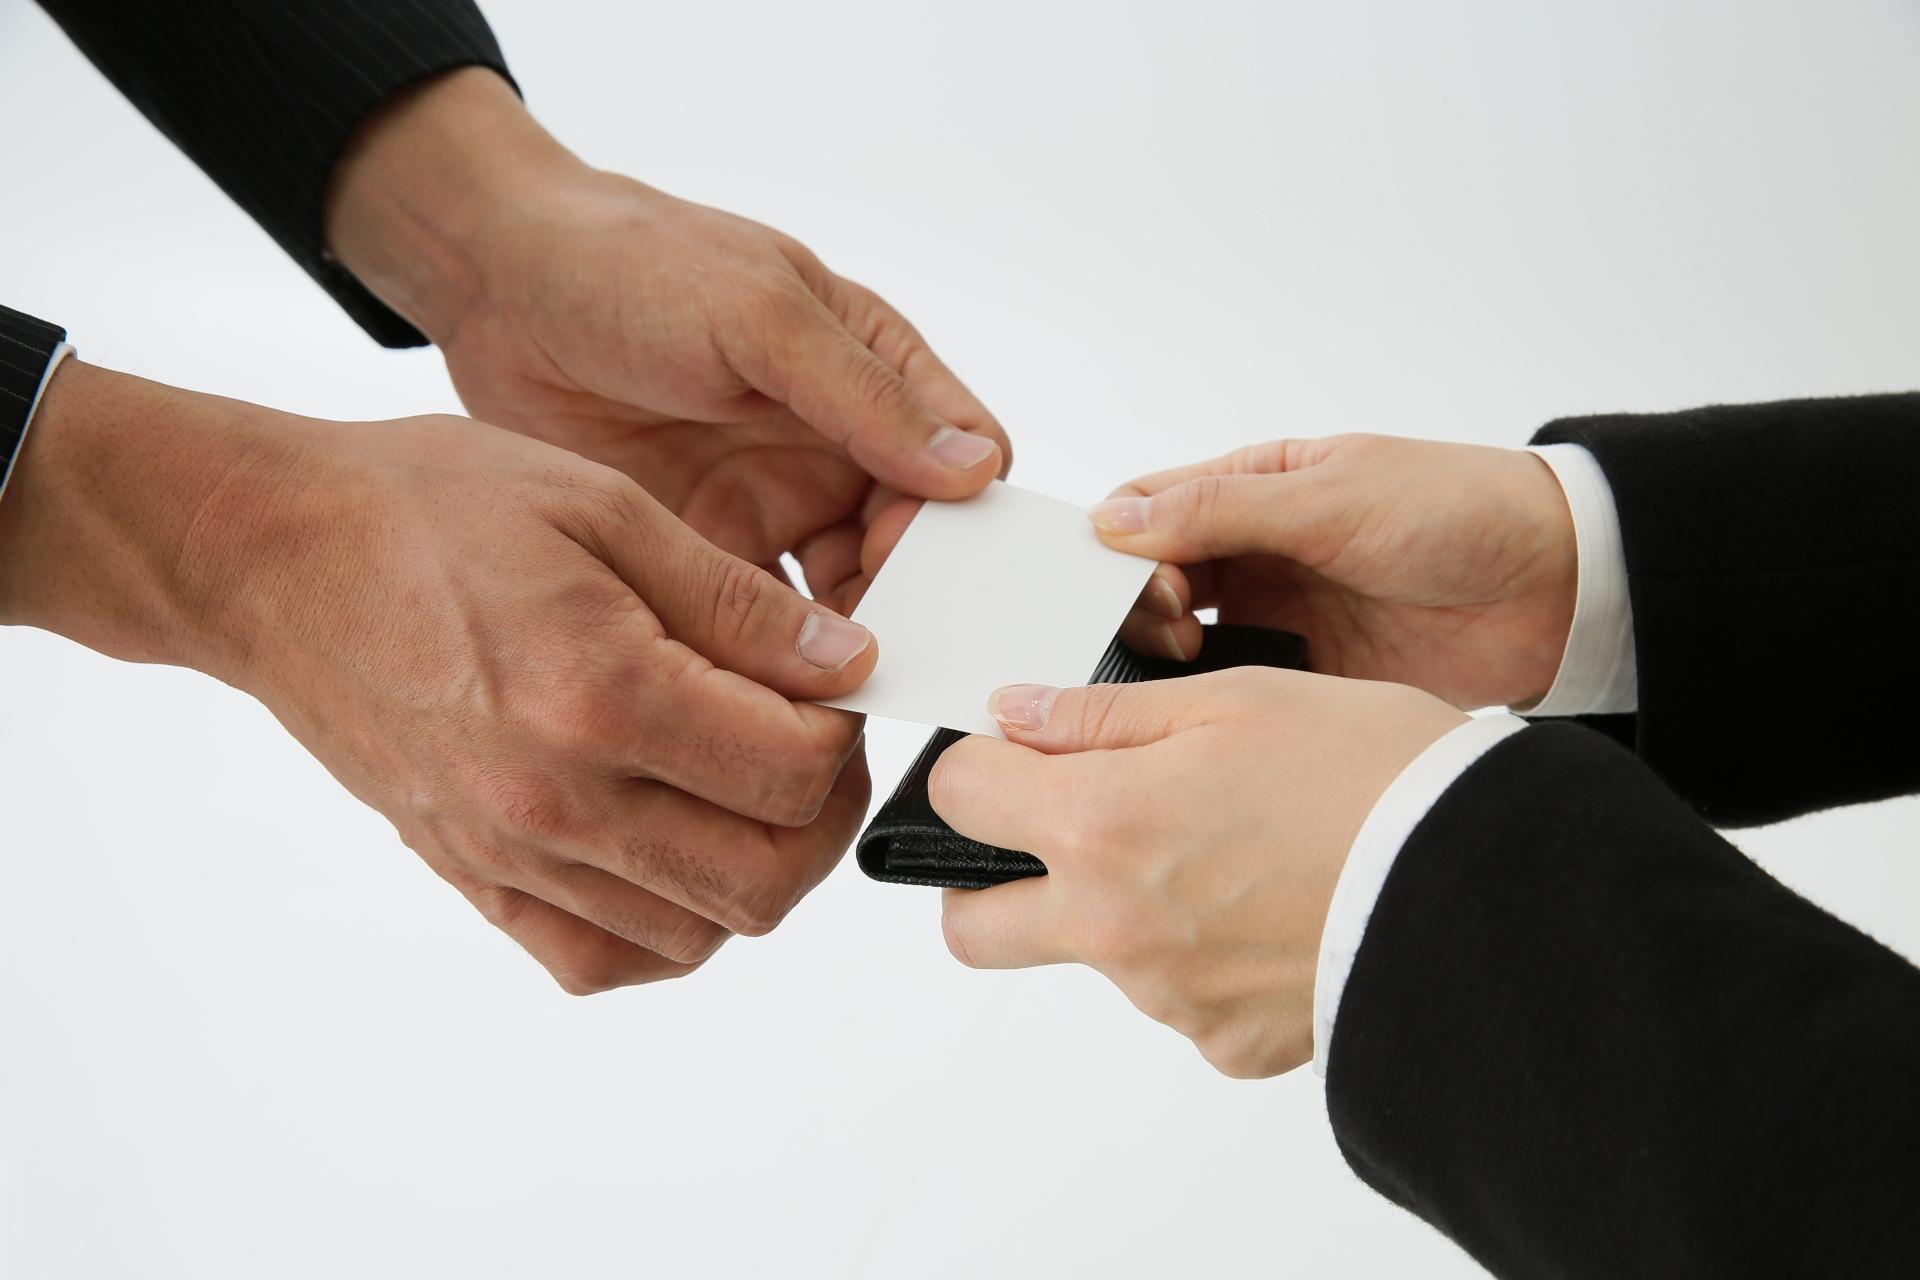 担当変更の挨拶を営業に活用